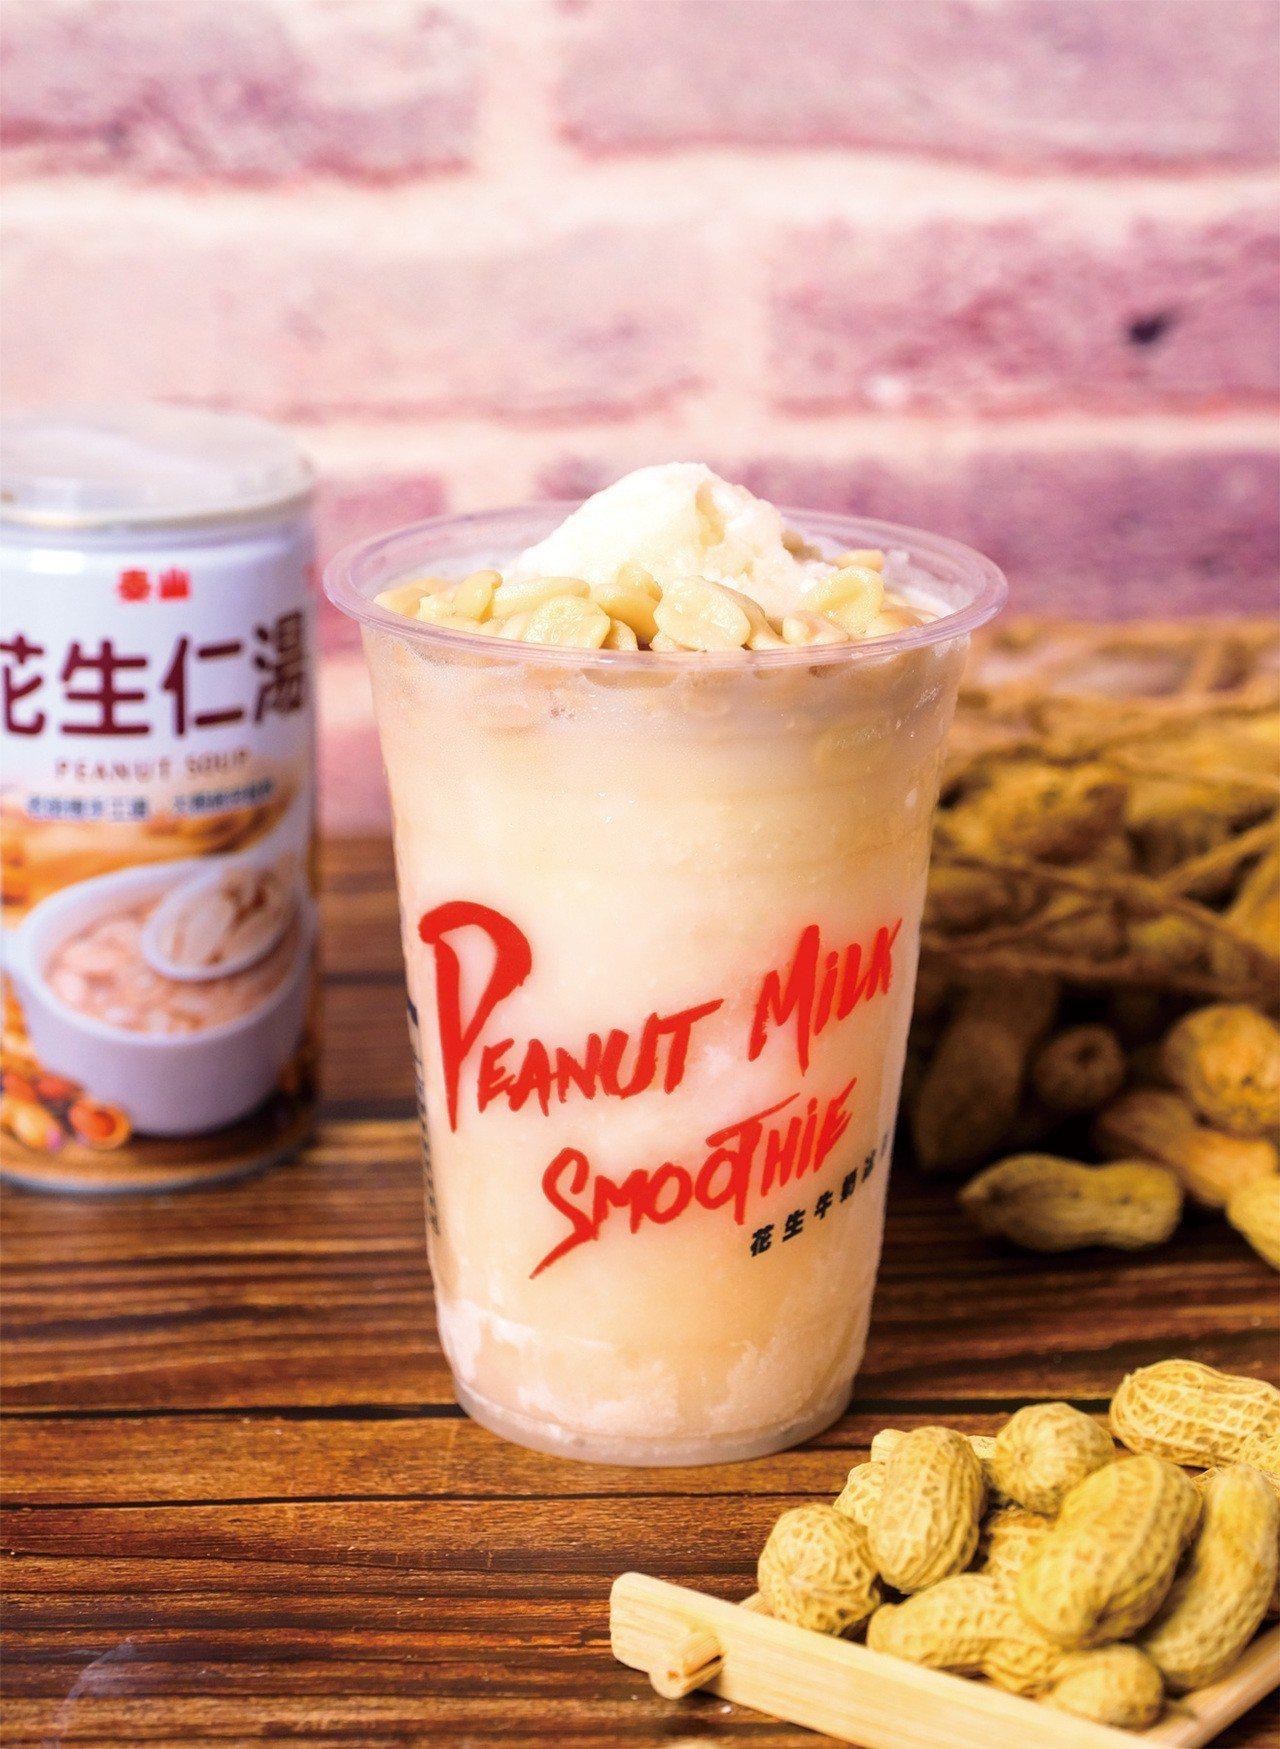 萊爾富、泰山合作限量推出10萬份的花生牛奶冰沙,首次將花生仁湯變成冰沙,售價59...